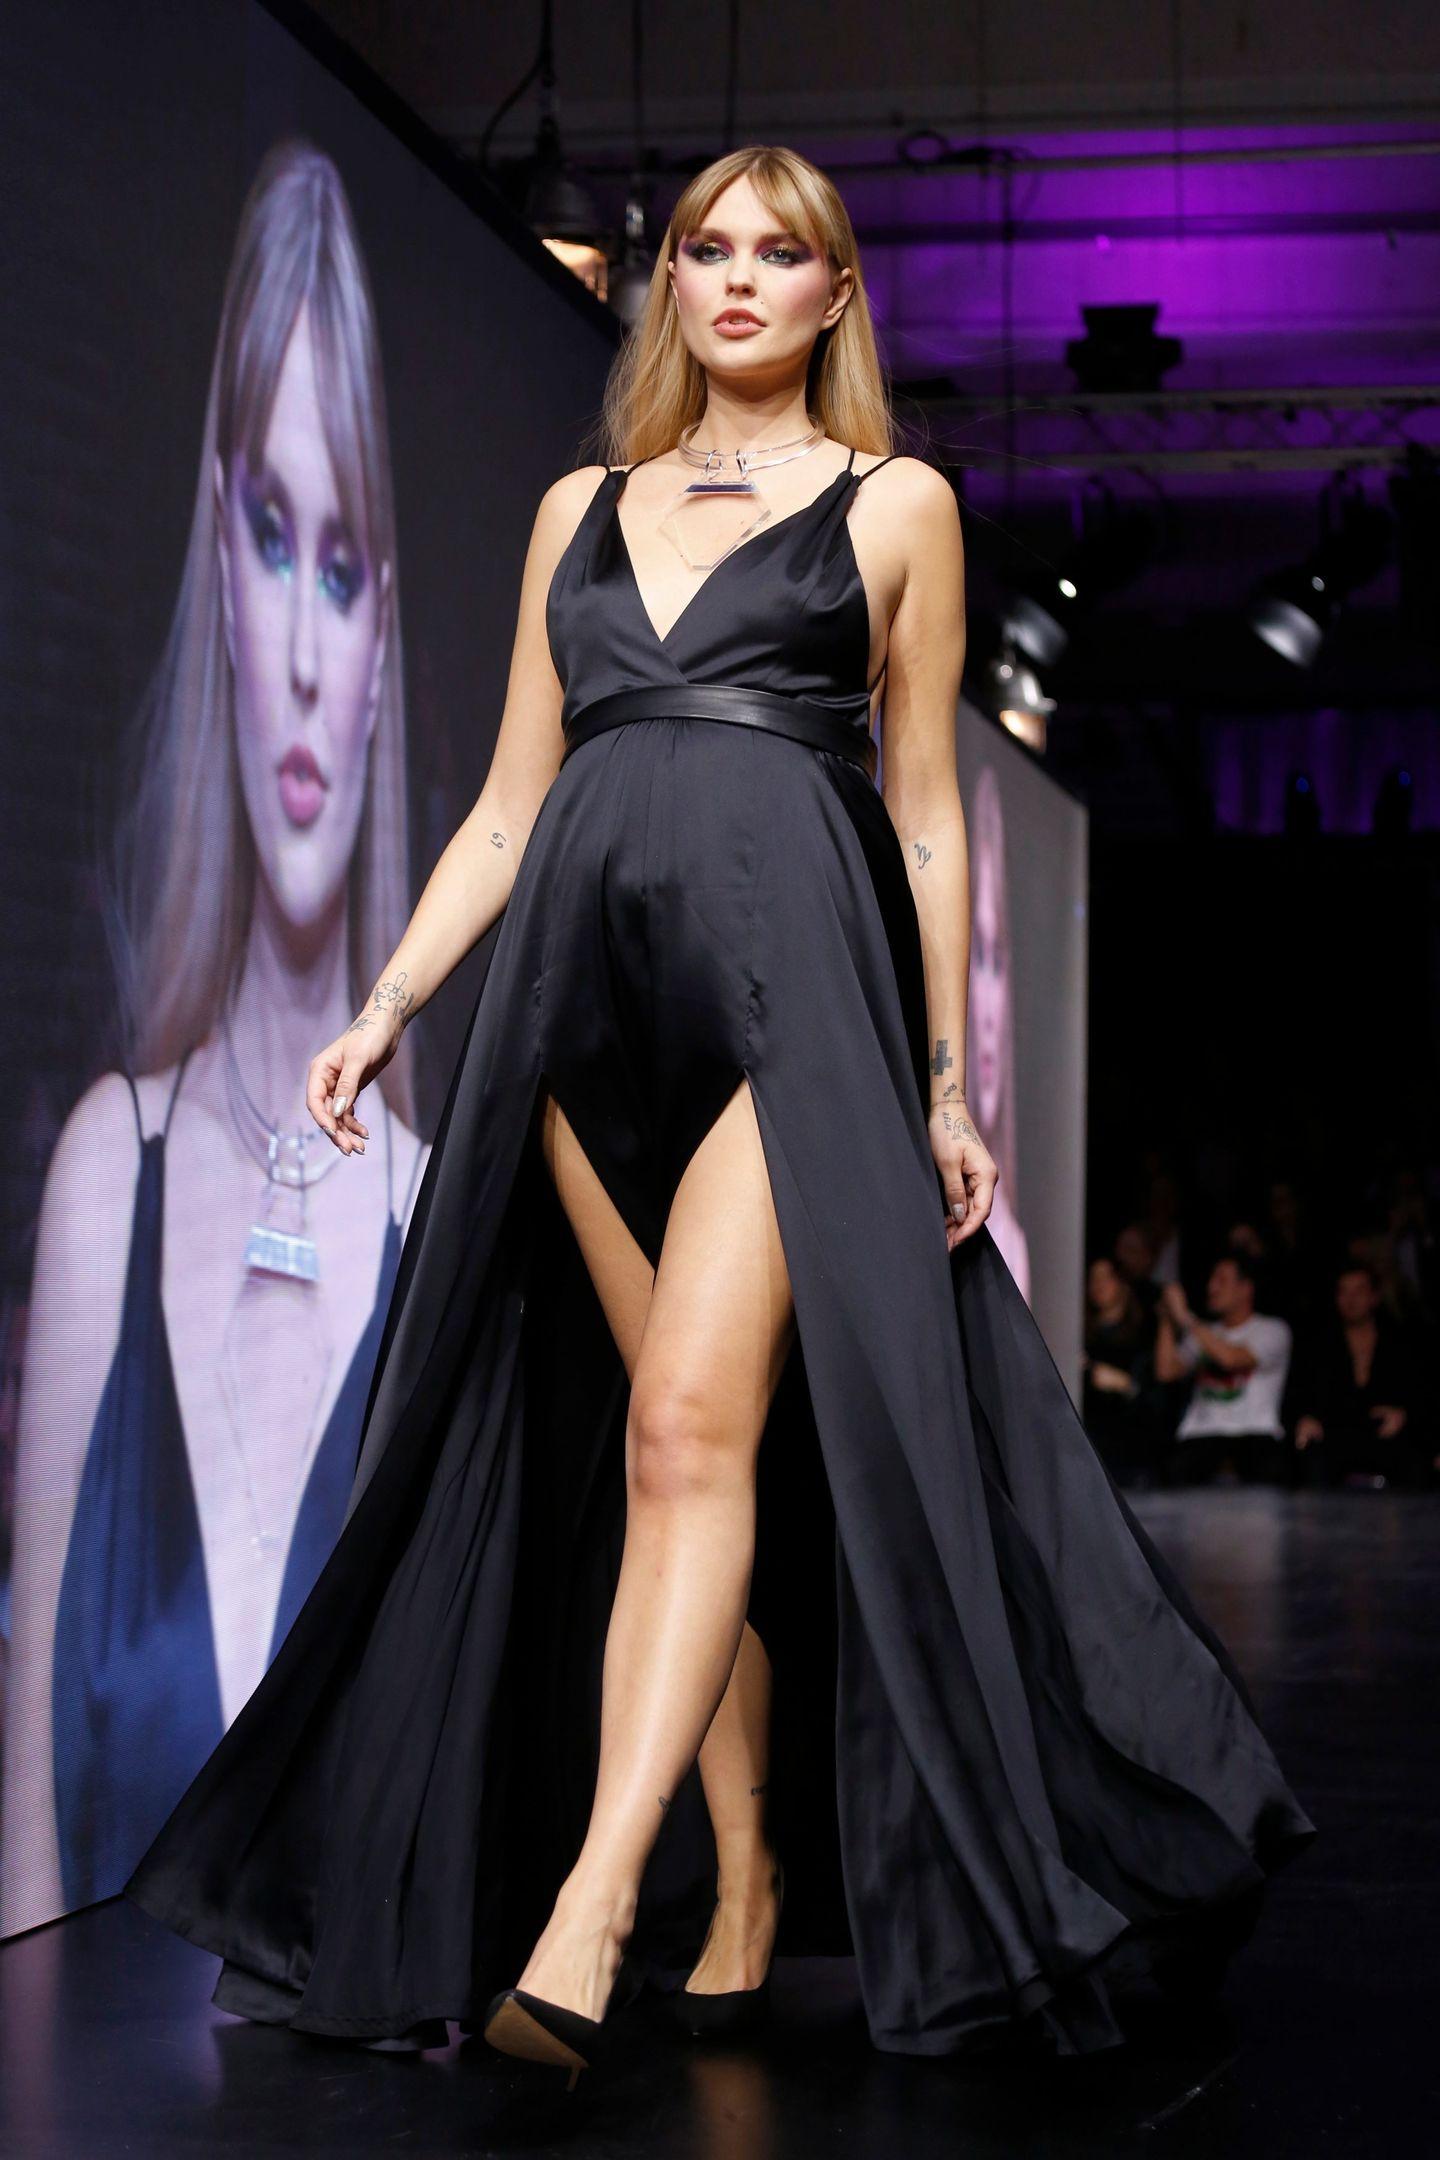 Bonnie Strange: Model zeigt sich nackt im neuen Playboy